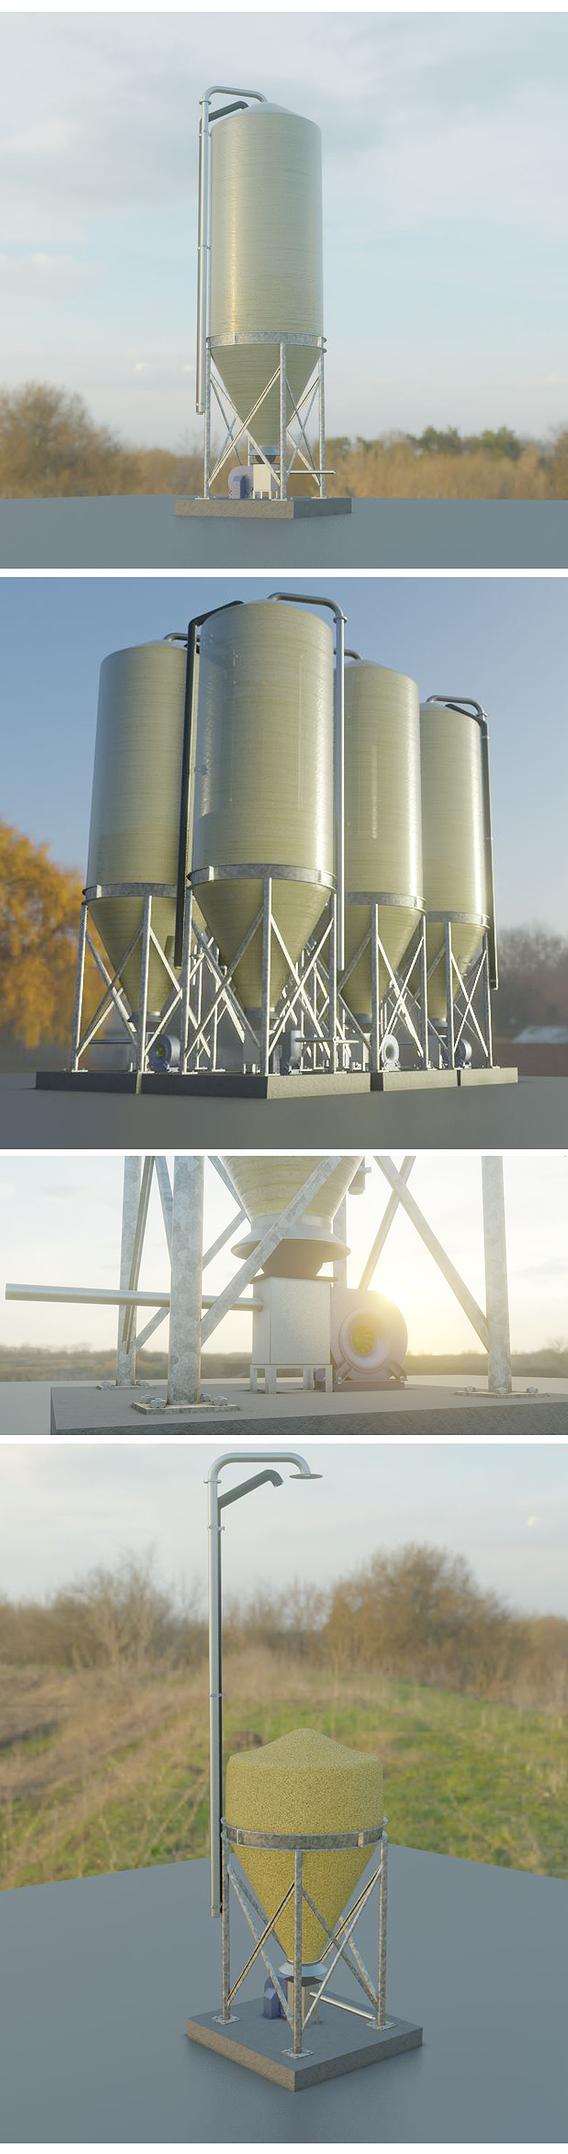 Corn Silo (Version-1 PVC Container)